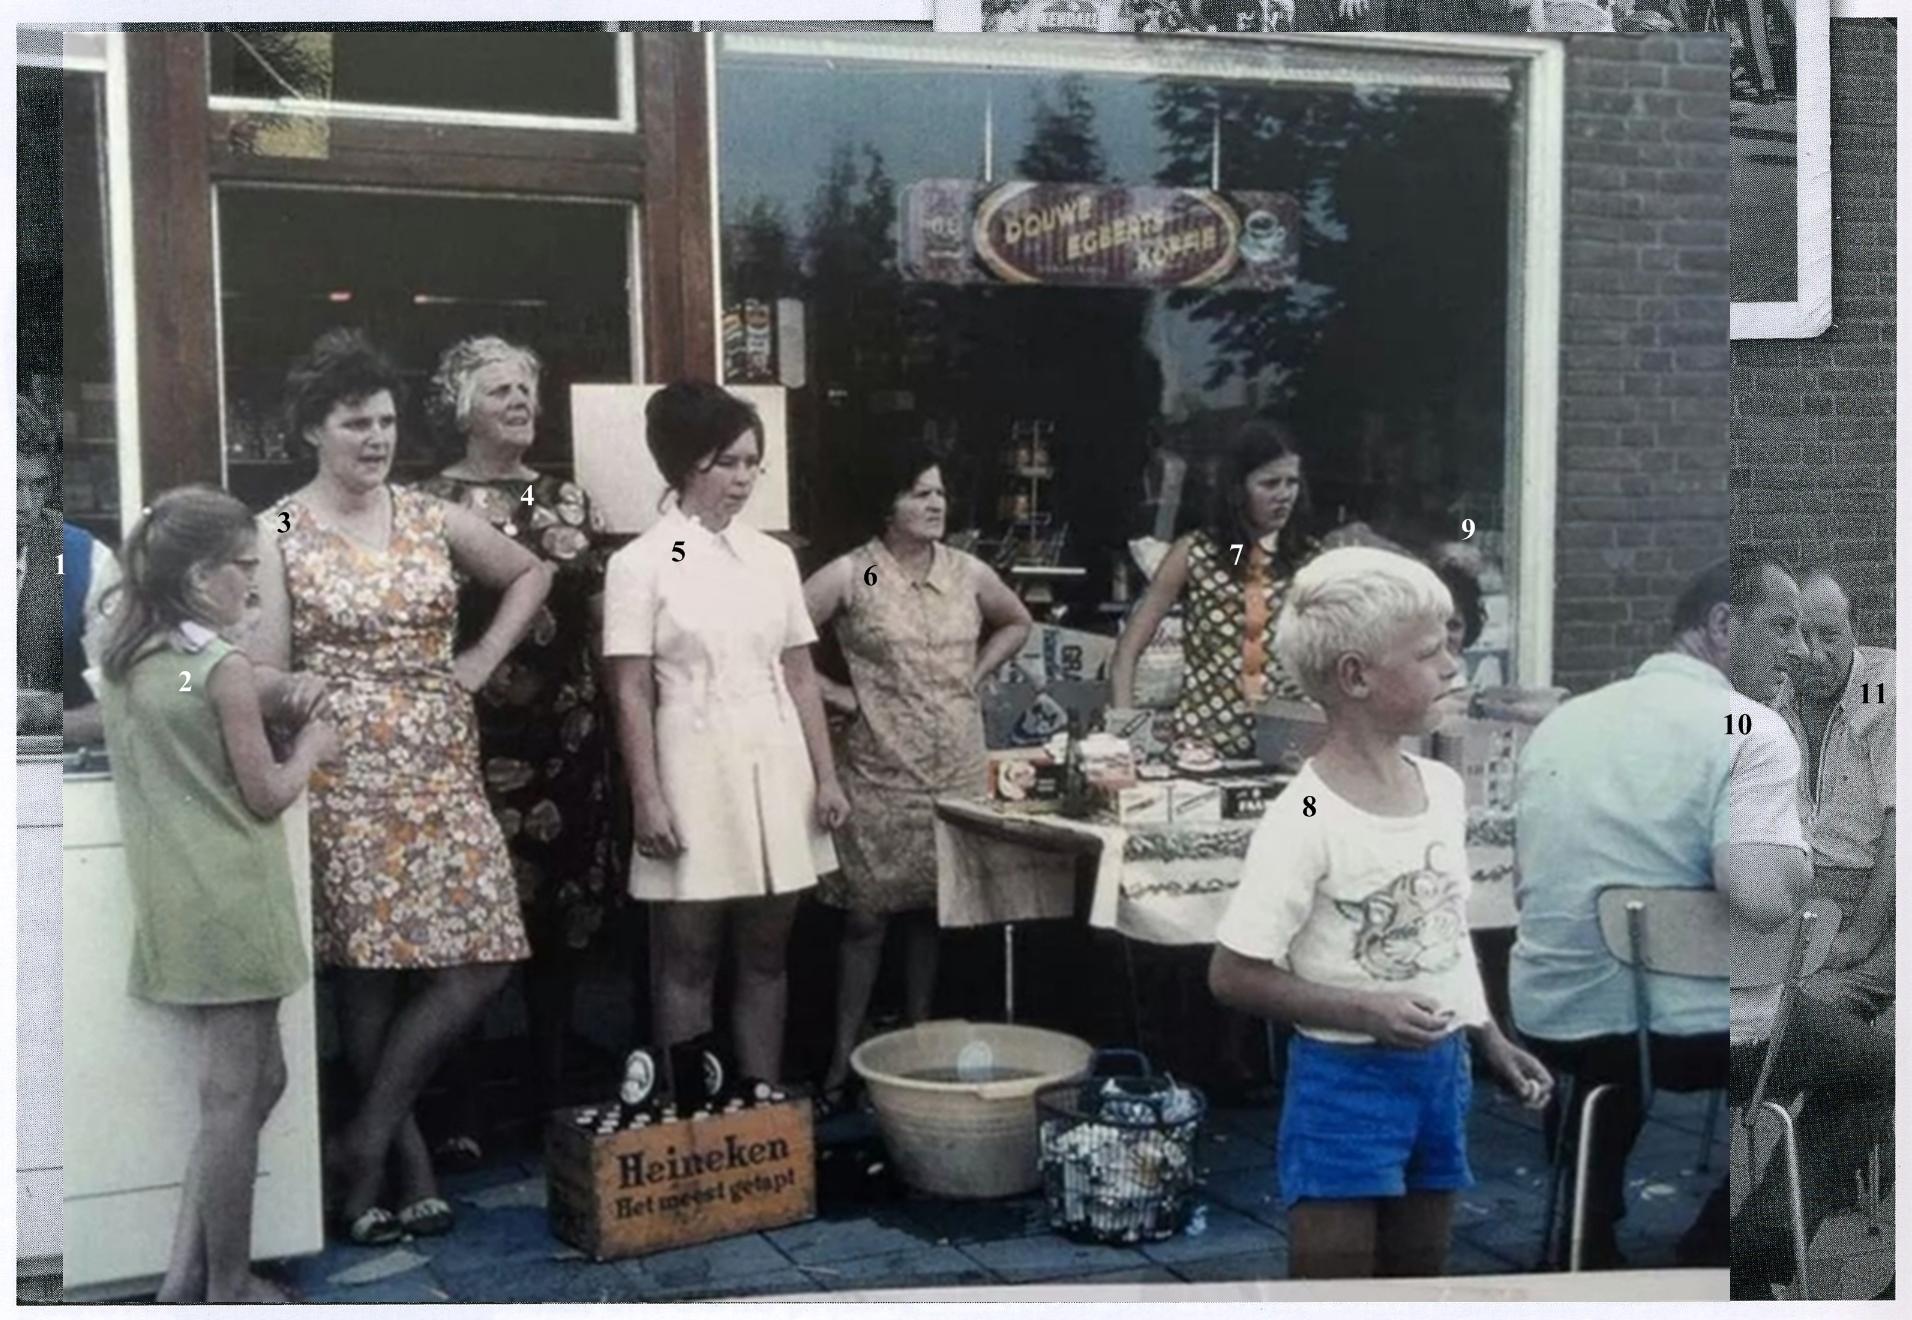 ca1970 Wielerronde voor de winkel van, van der Sloot, Heesakkerstraat